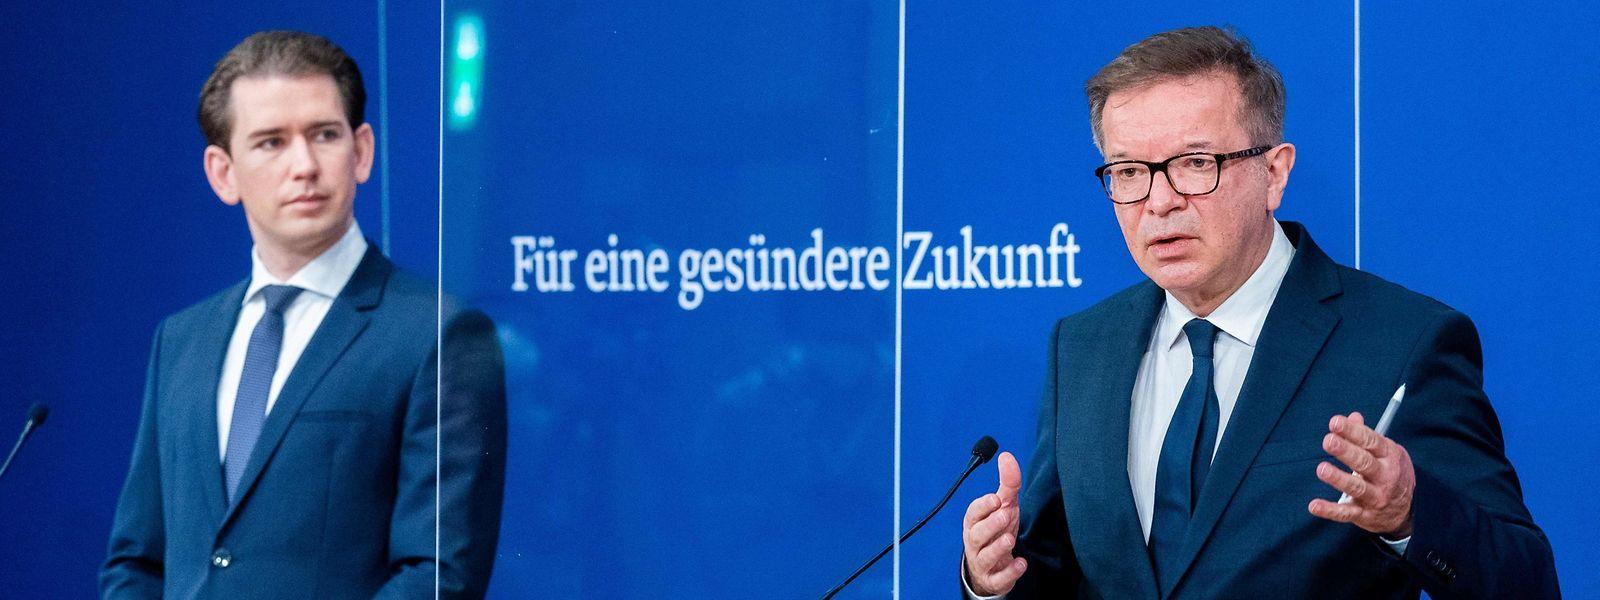 Der österreichische Kanzler Sebastian Kurz (.) gönnt seinem grünen Gesundheitsminister Rudolf Anschober den Erfolg nicht.